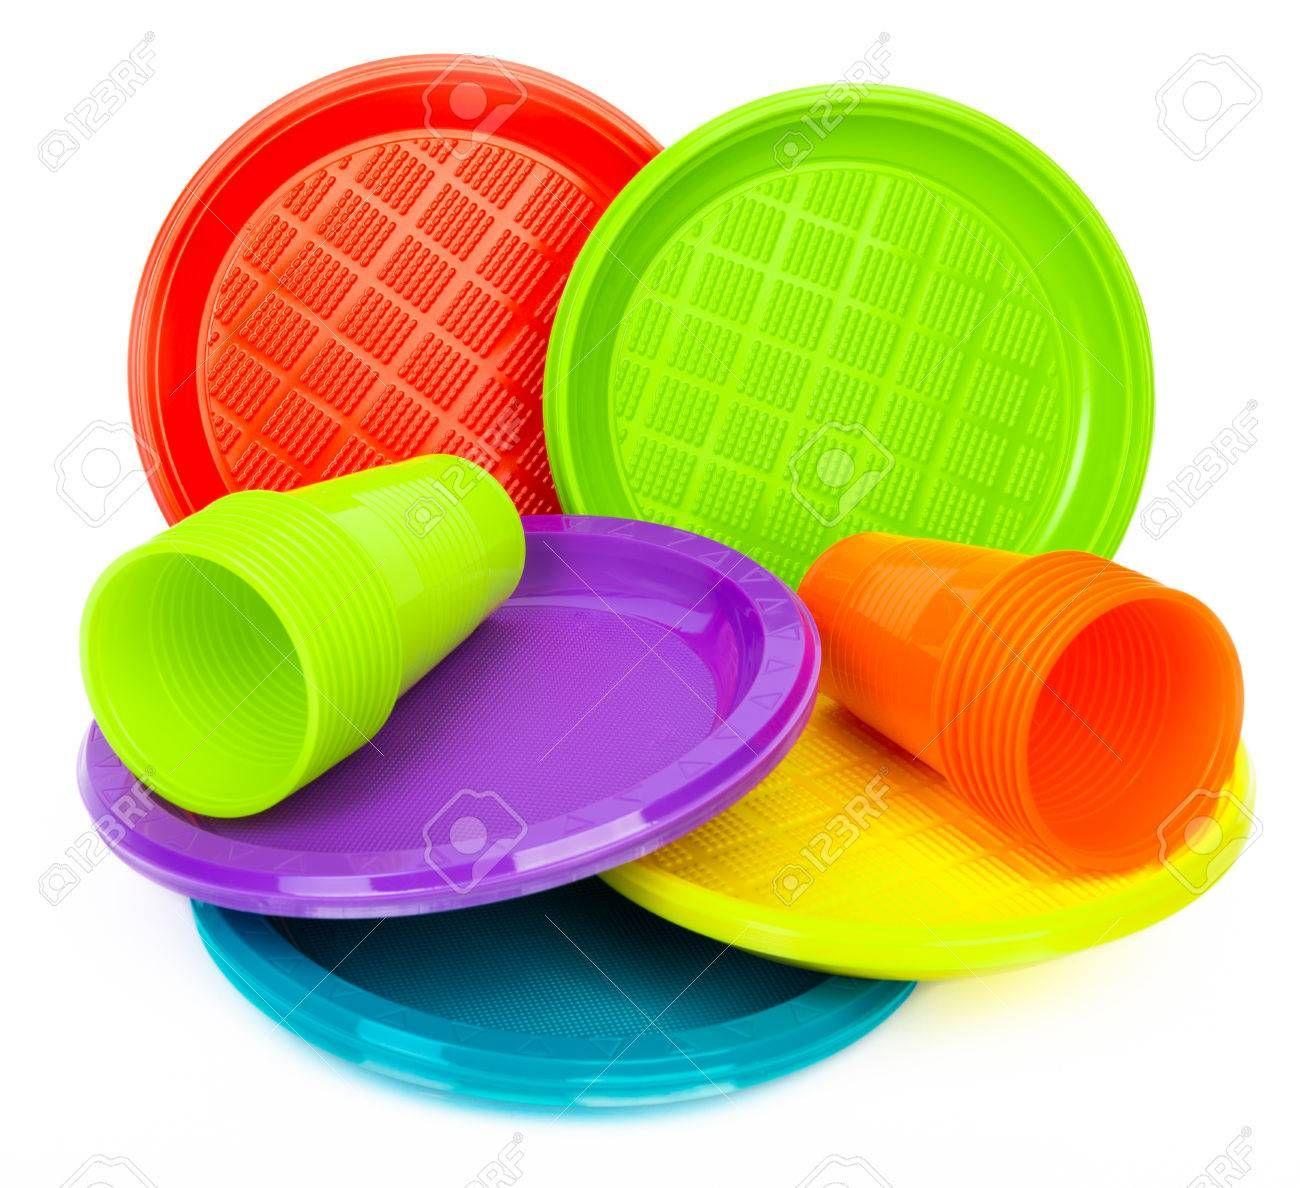 Materiales Platos Y Vasos Desechables De Colores O Blancos